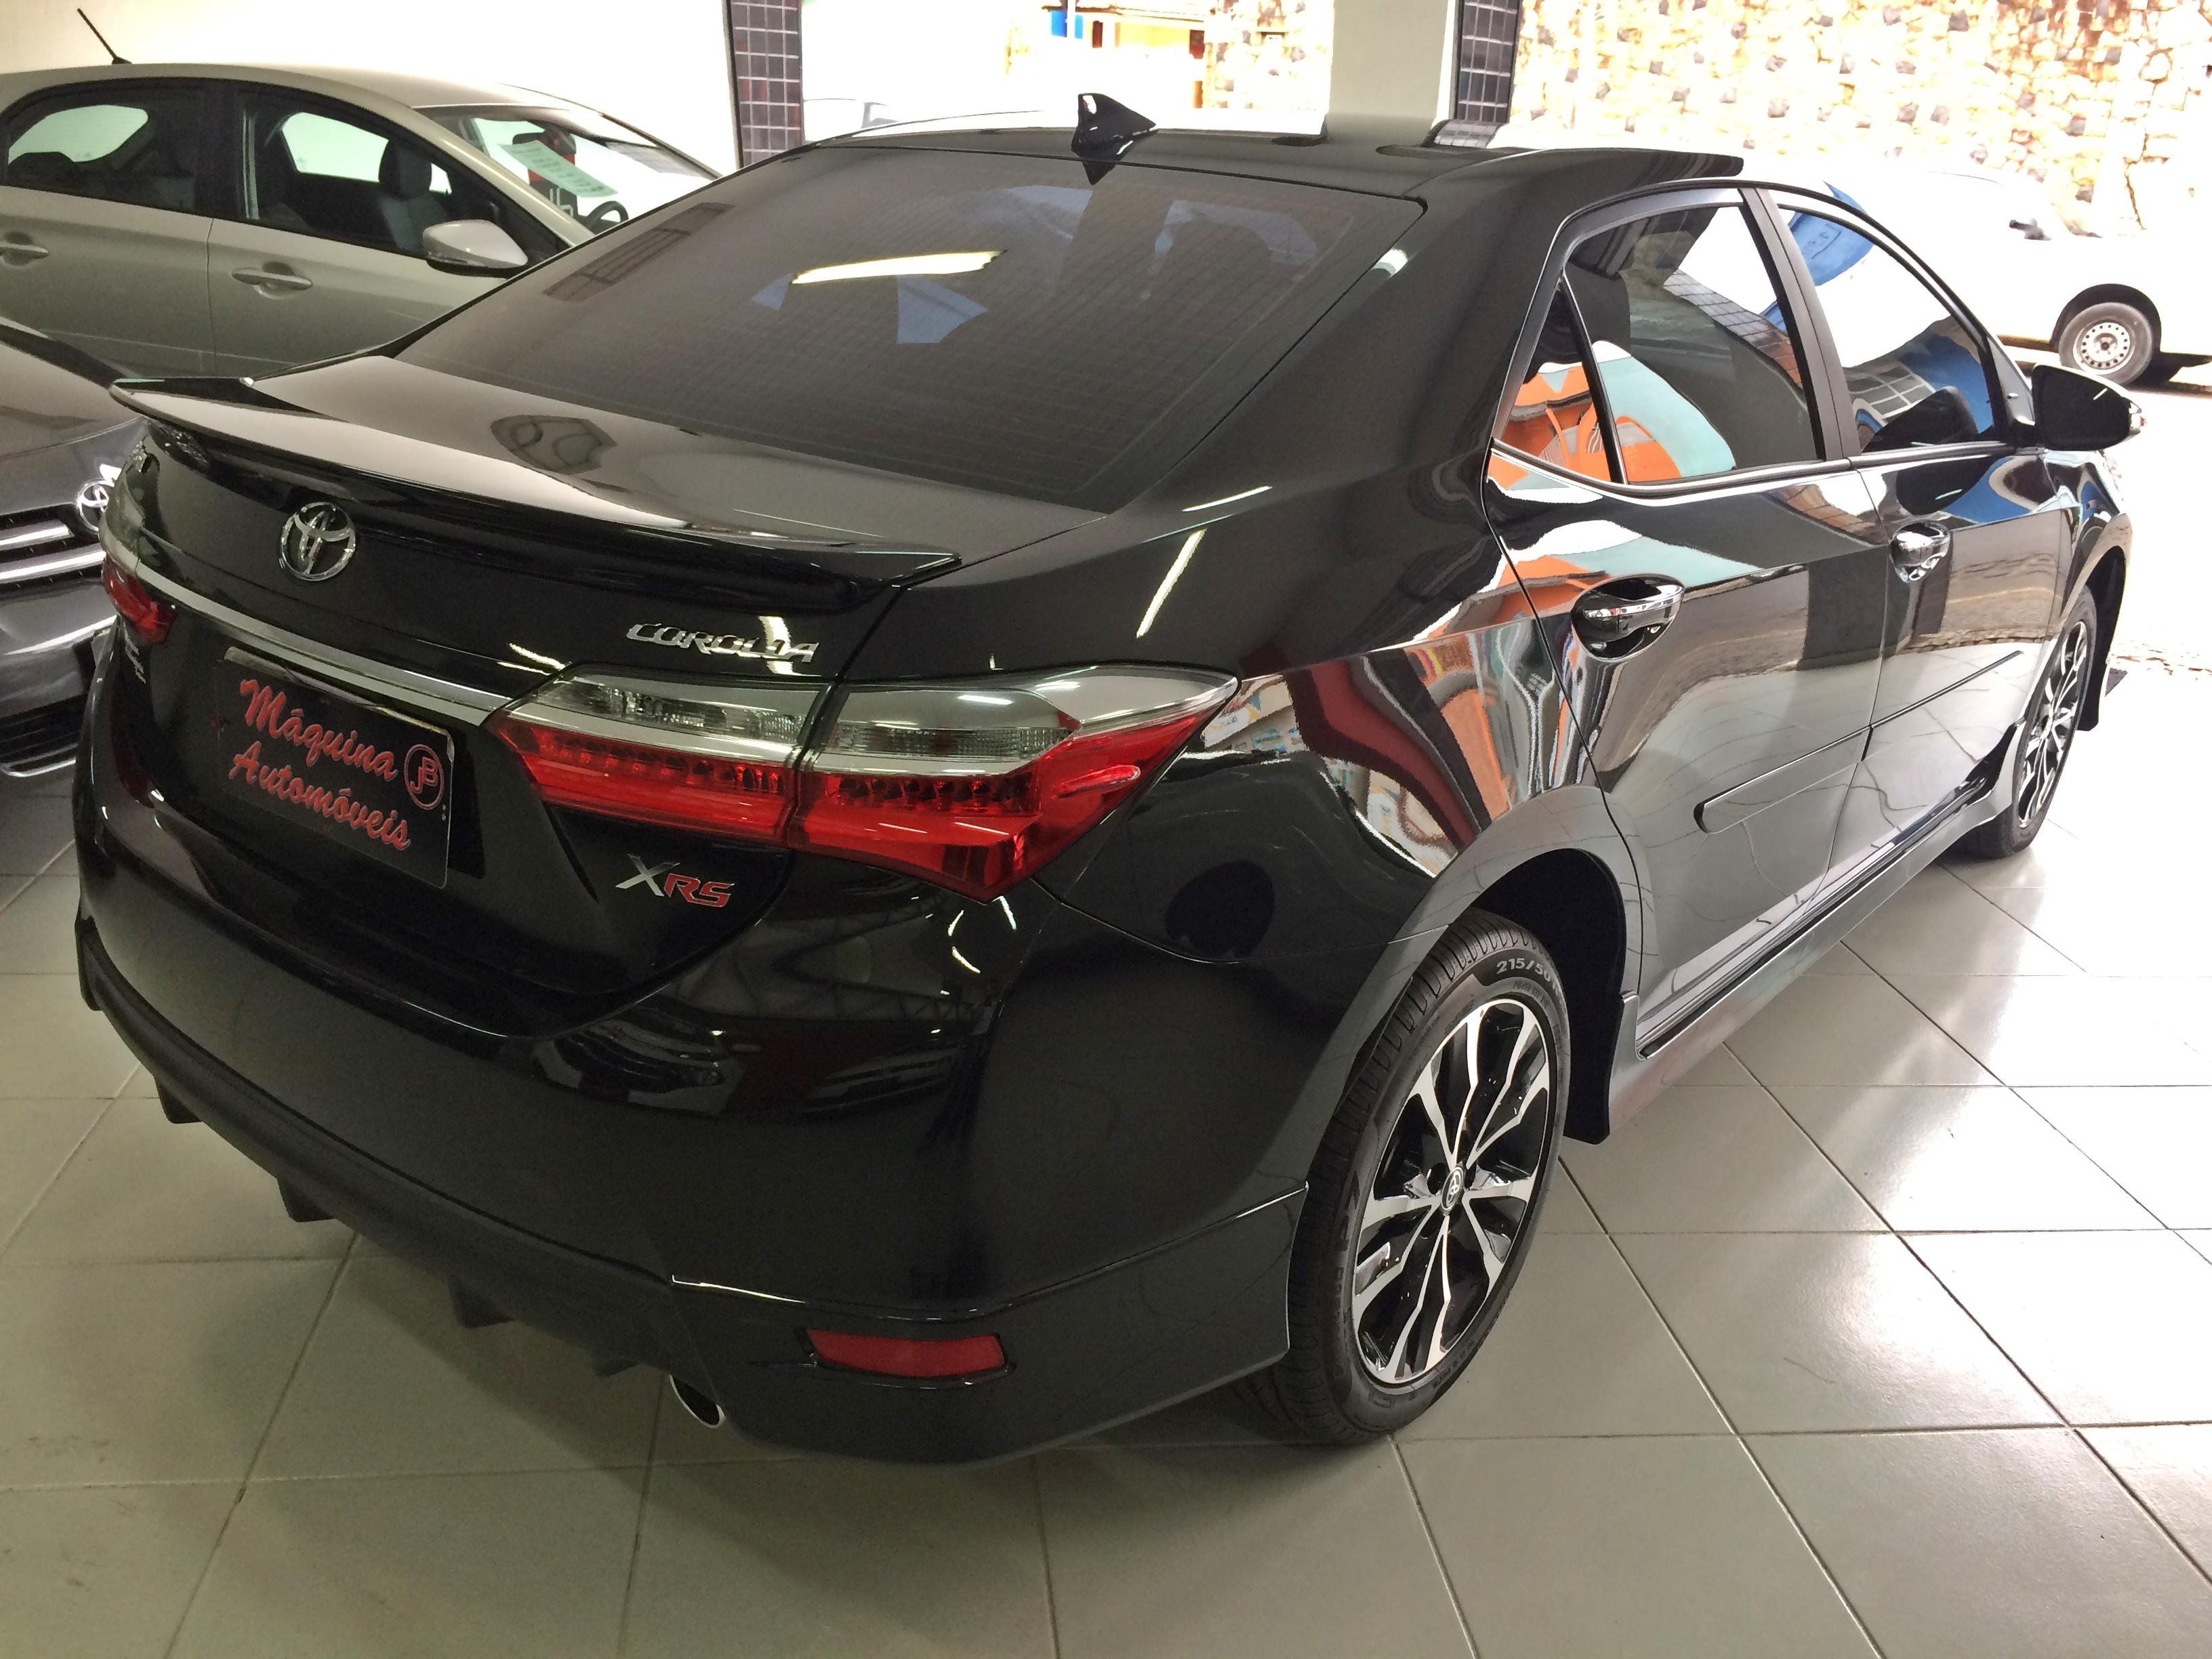 Corolla Xrs 2016 Auto Guide